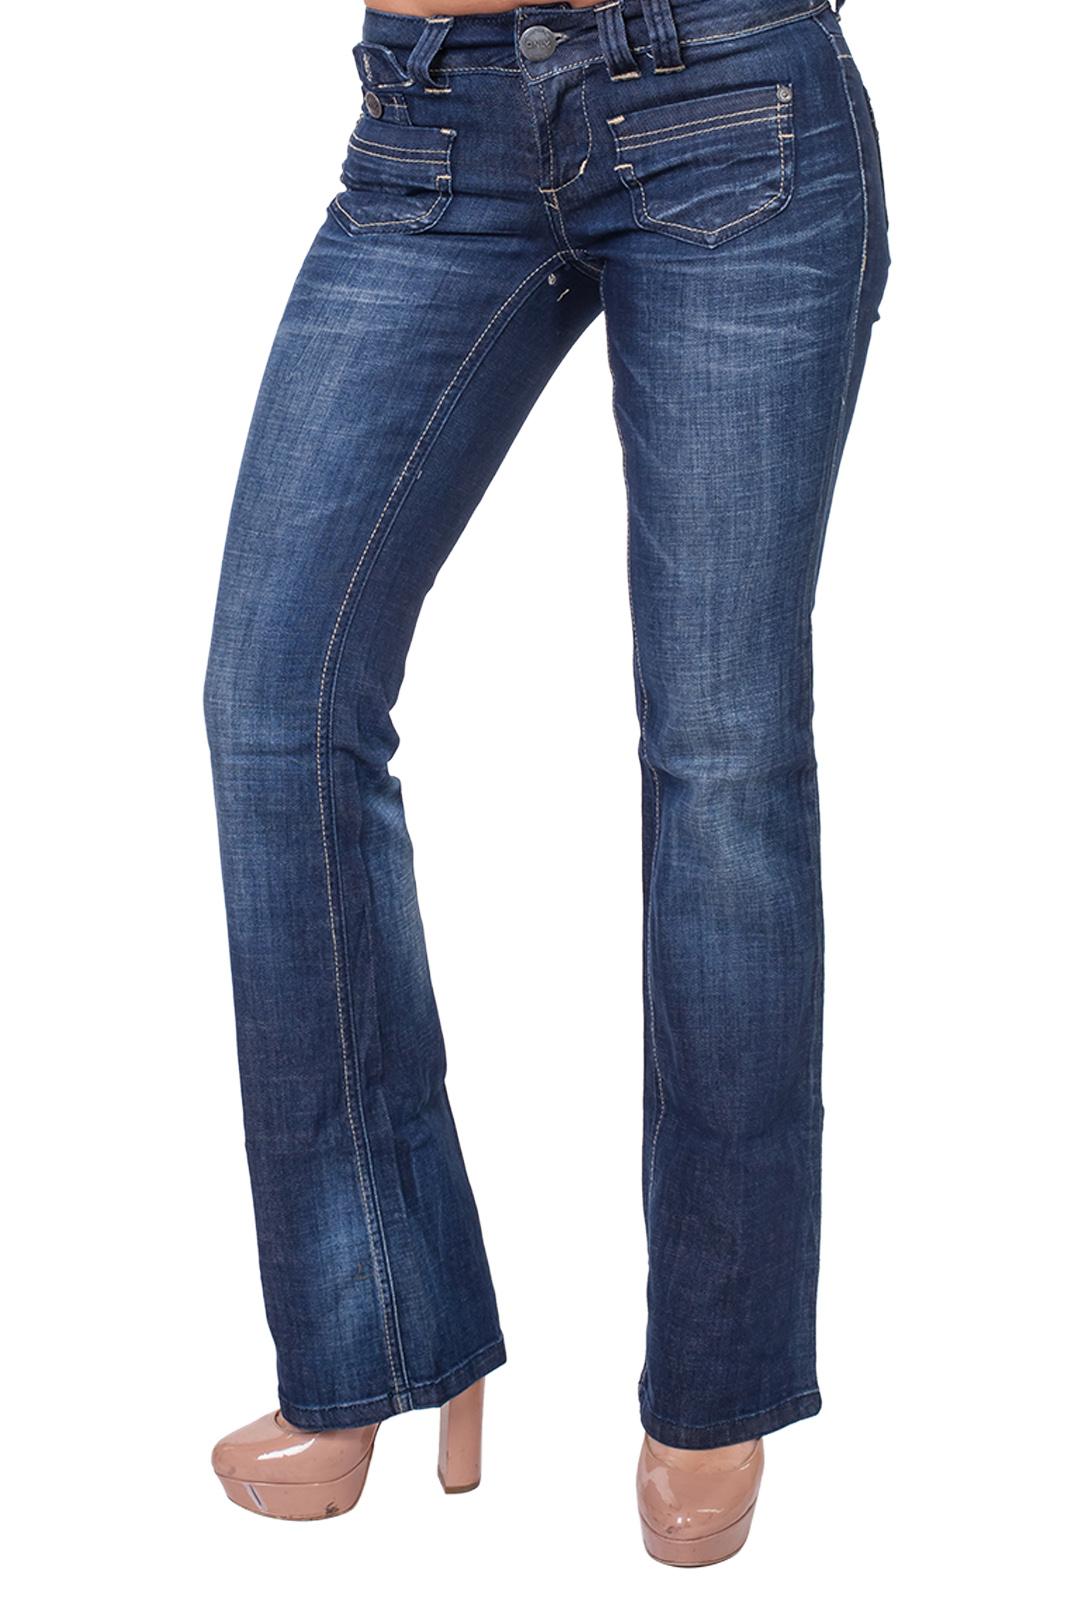 Купить в интернет магазине женские джинсы клеш